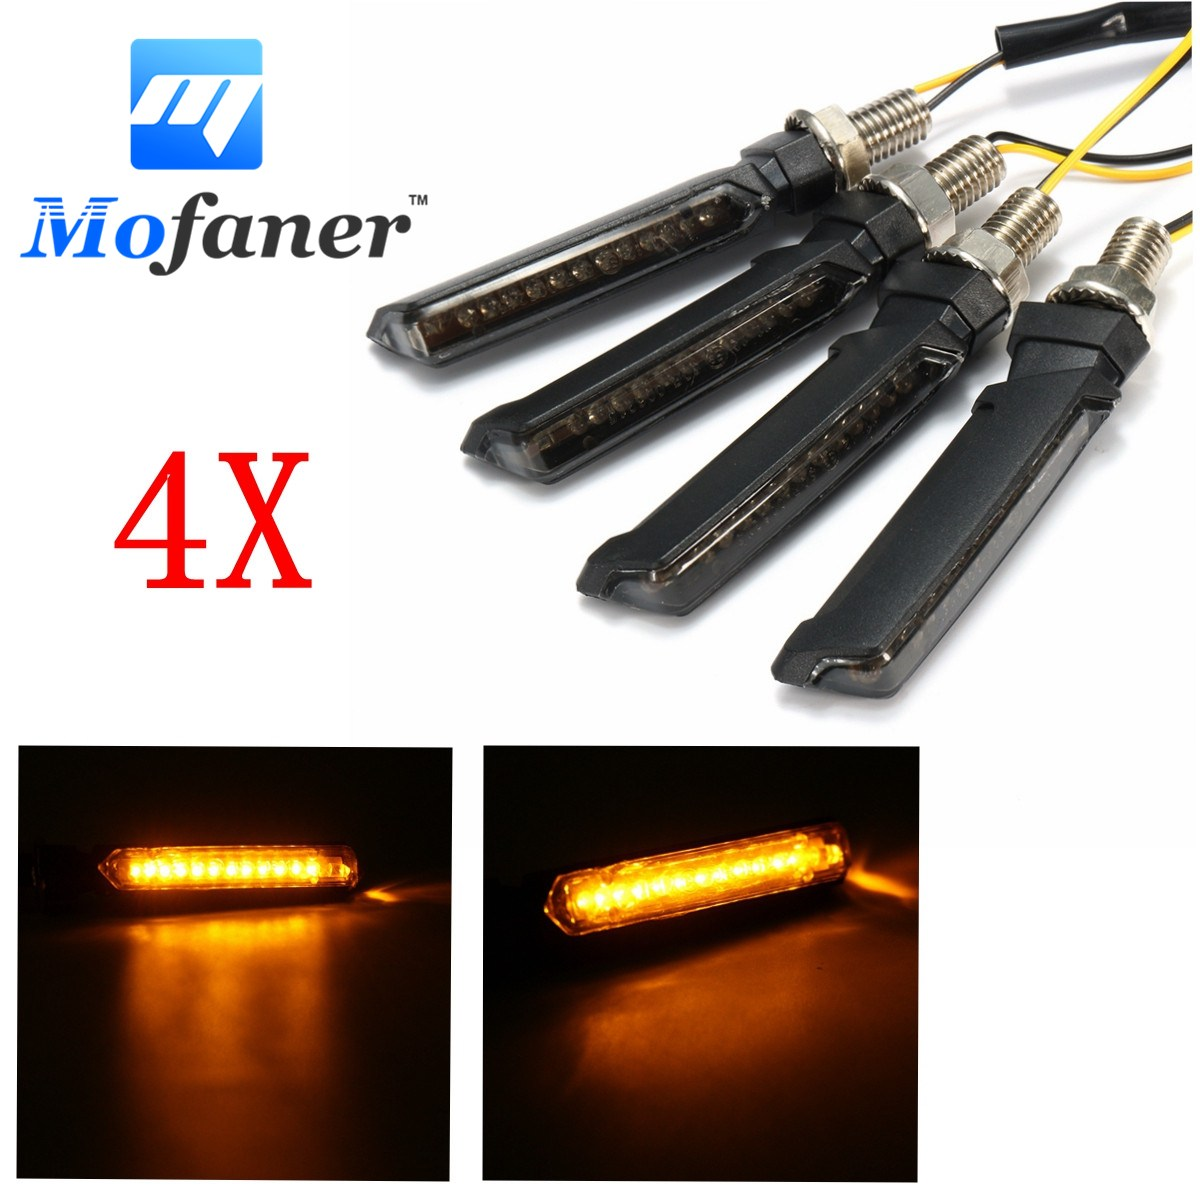 4X Universal Motorcycle 12 LED Turn Signal Indicator Light Amber Blinker E-mark 12V